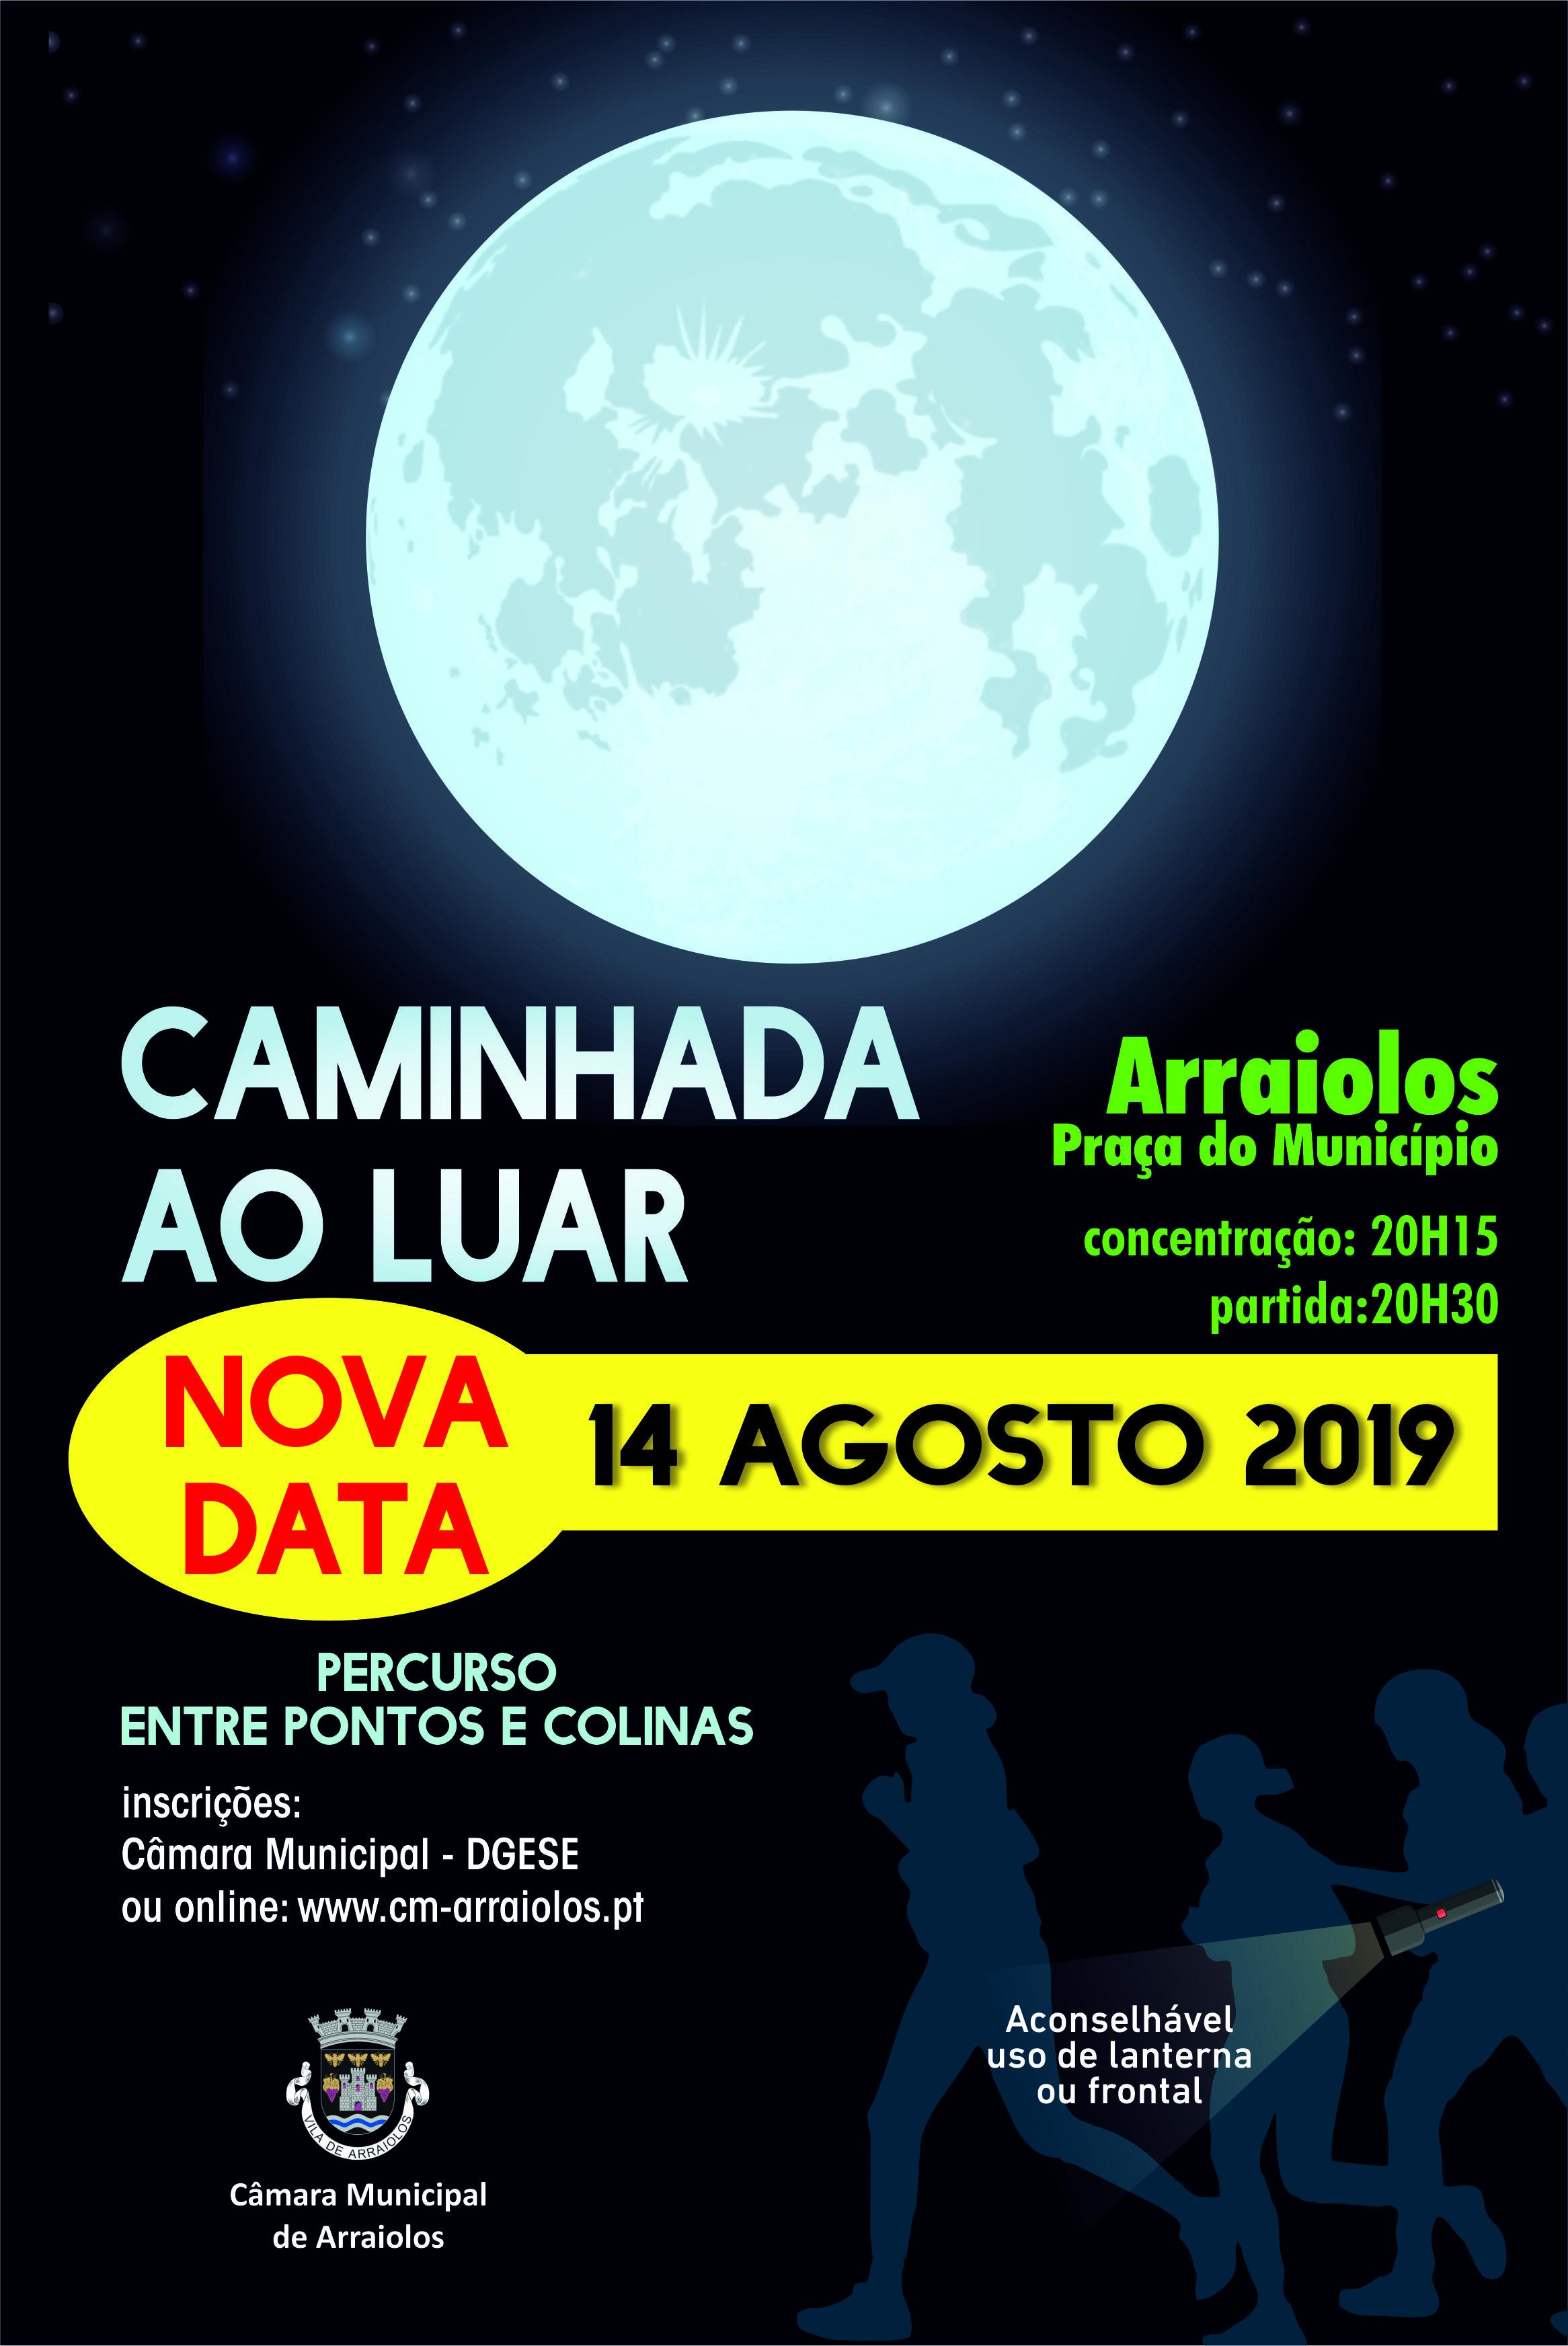 Caminhada ao Luar 2019 nova data.jpg